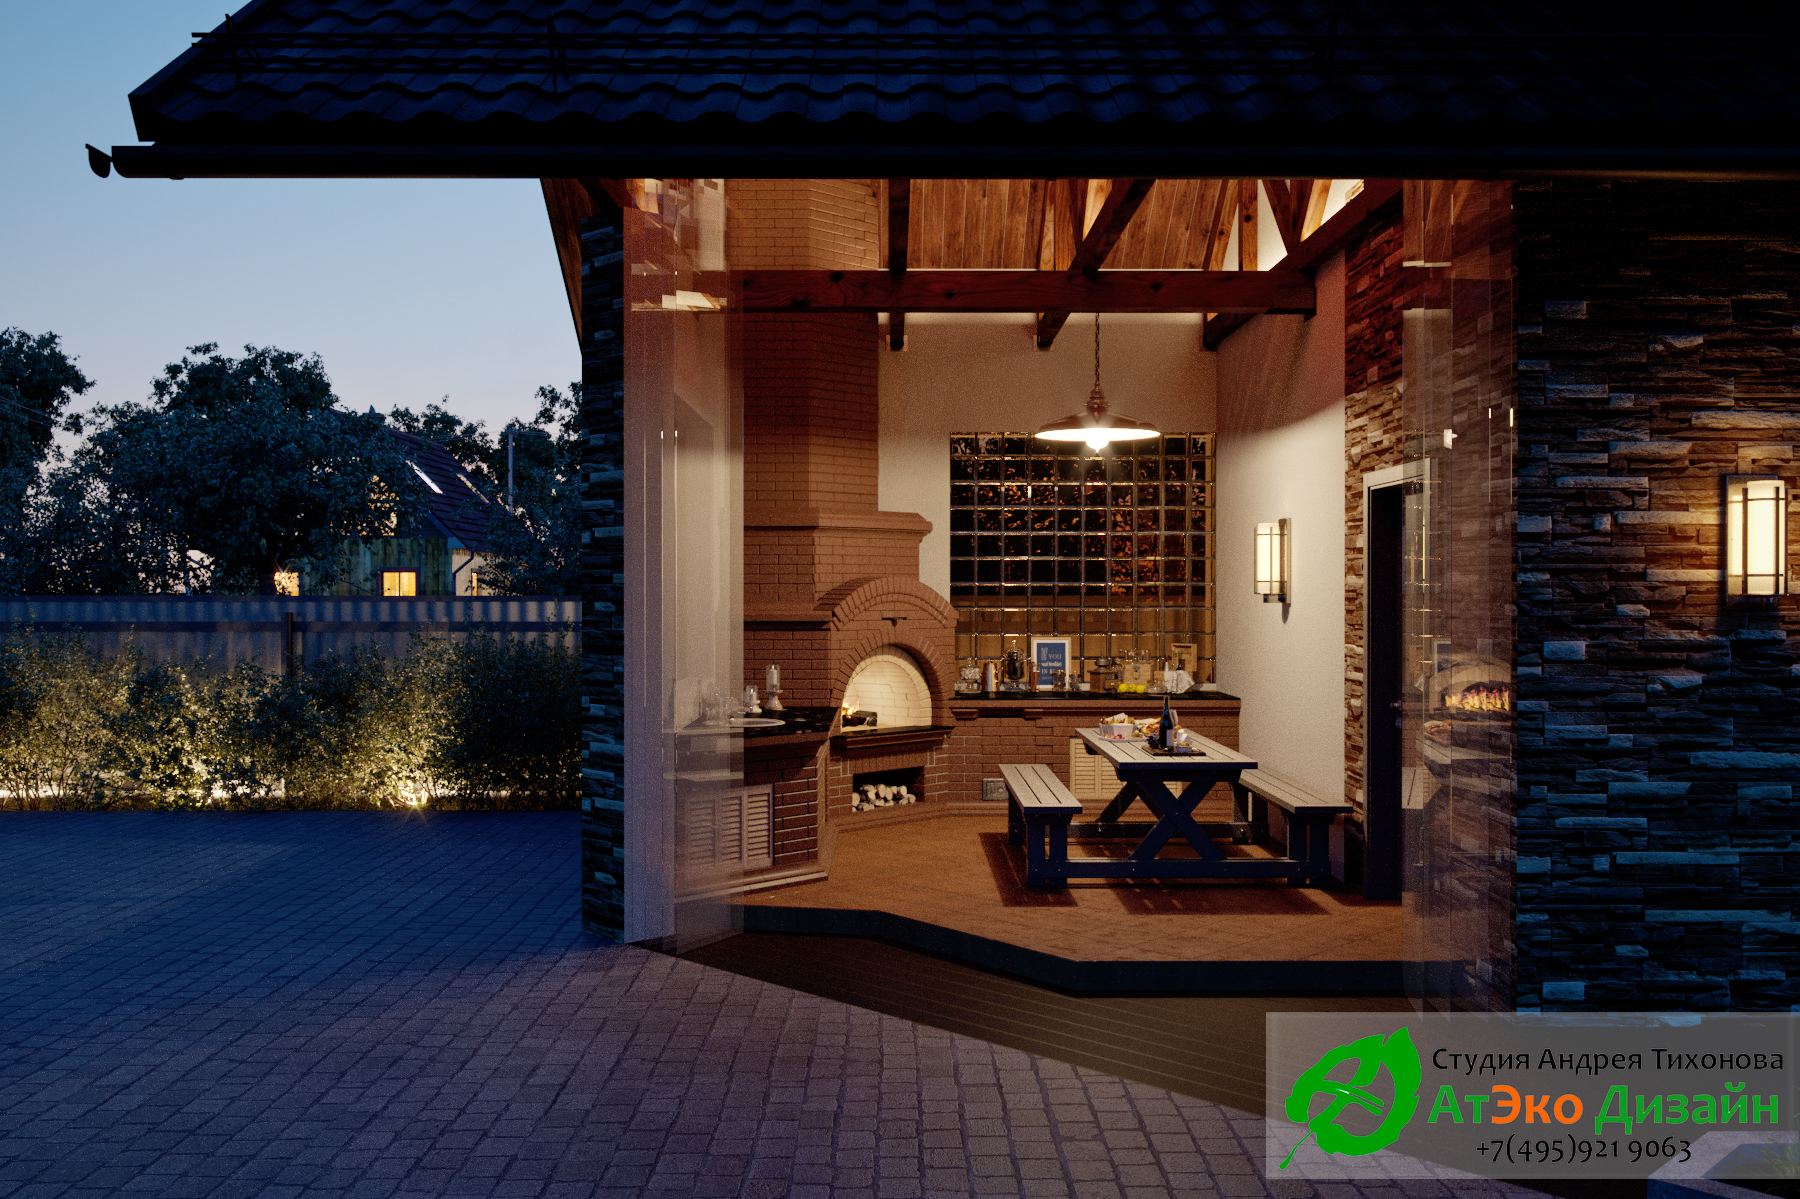 Комната для барбекю проект архитектуры гостевого дома